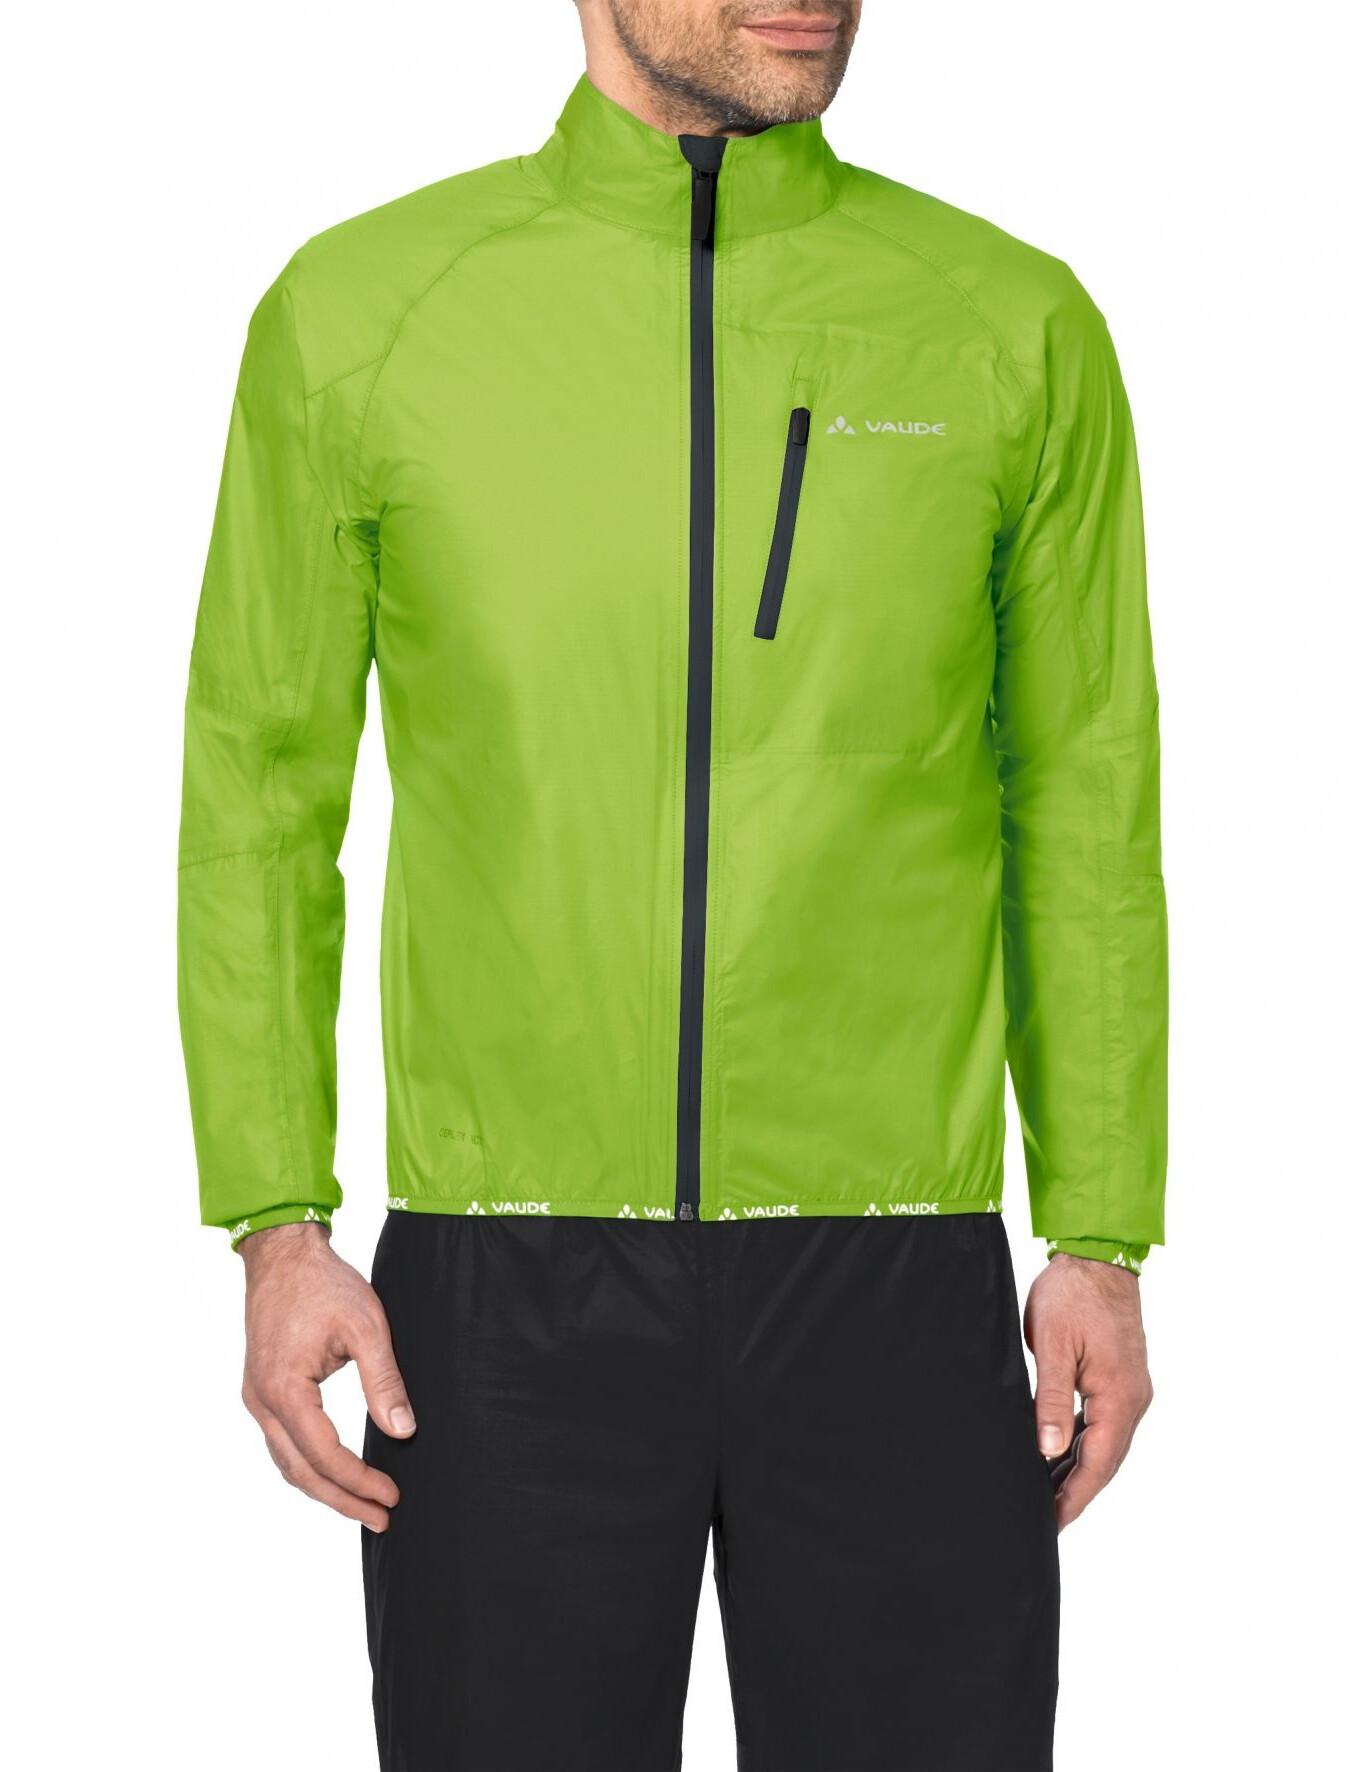 6b0d0369e4 VAUDE Drop III - Veste Homme - vert - Boutique de vélos en ligne ...